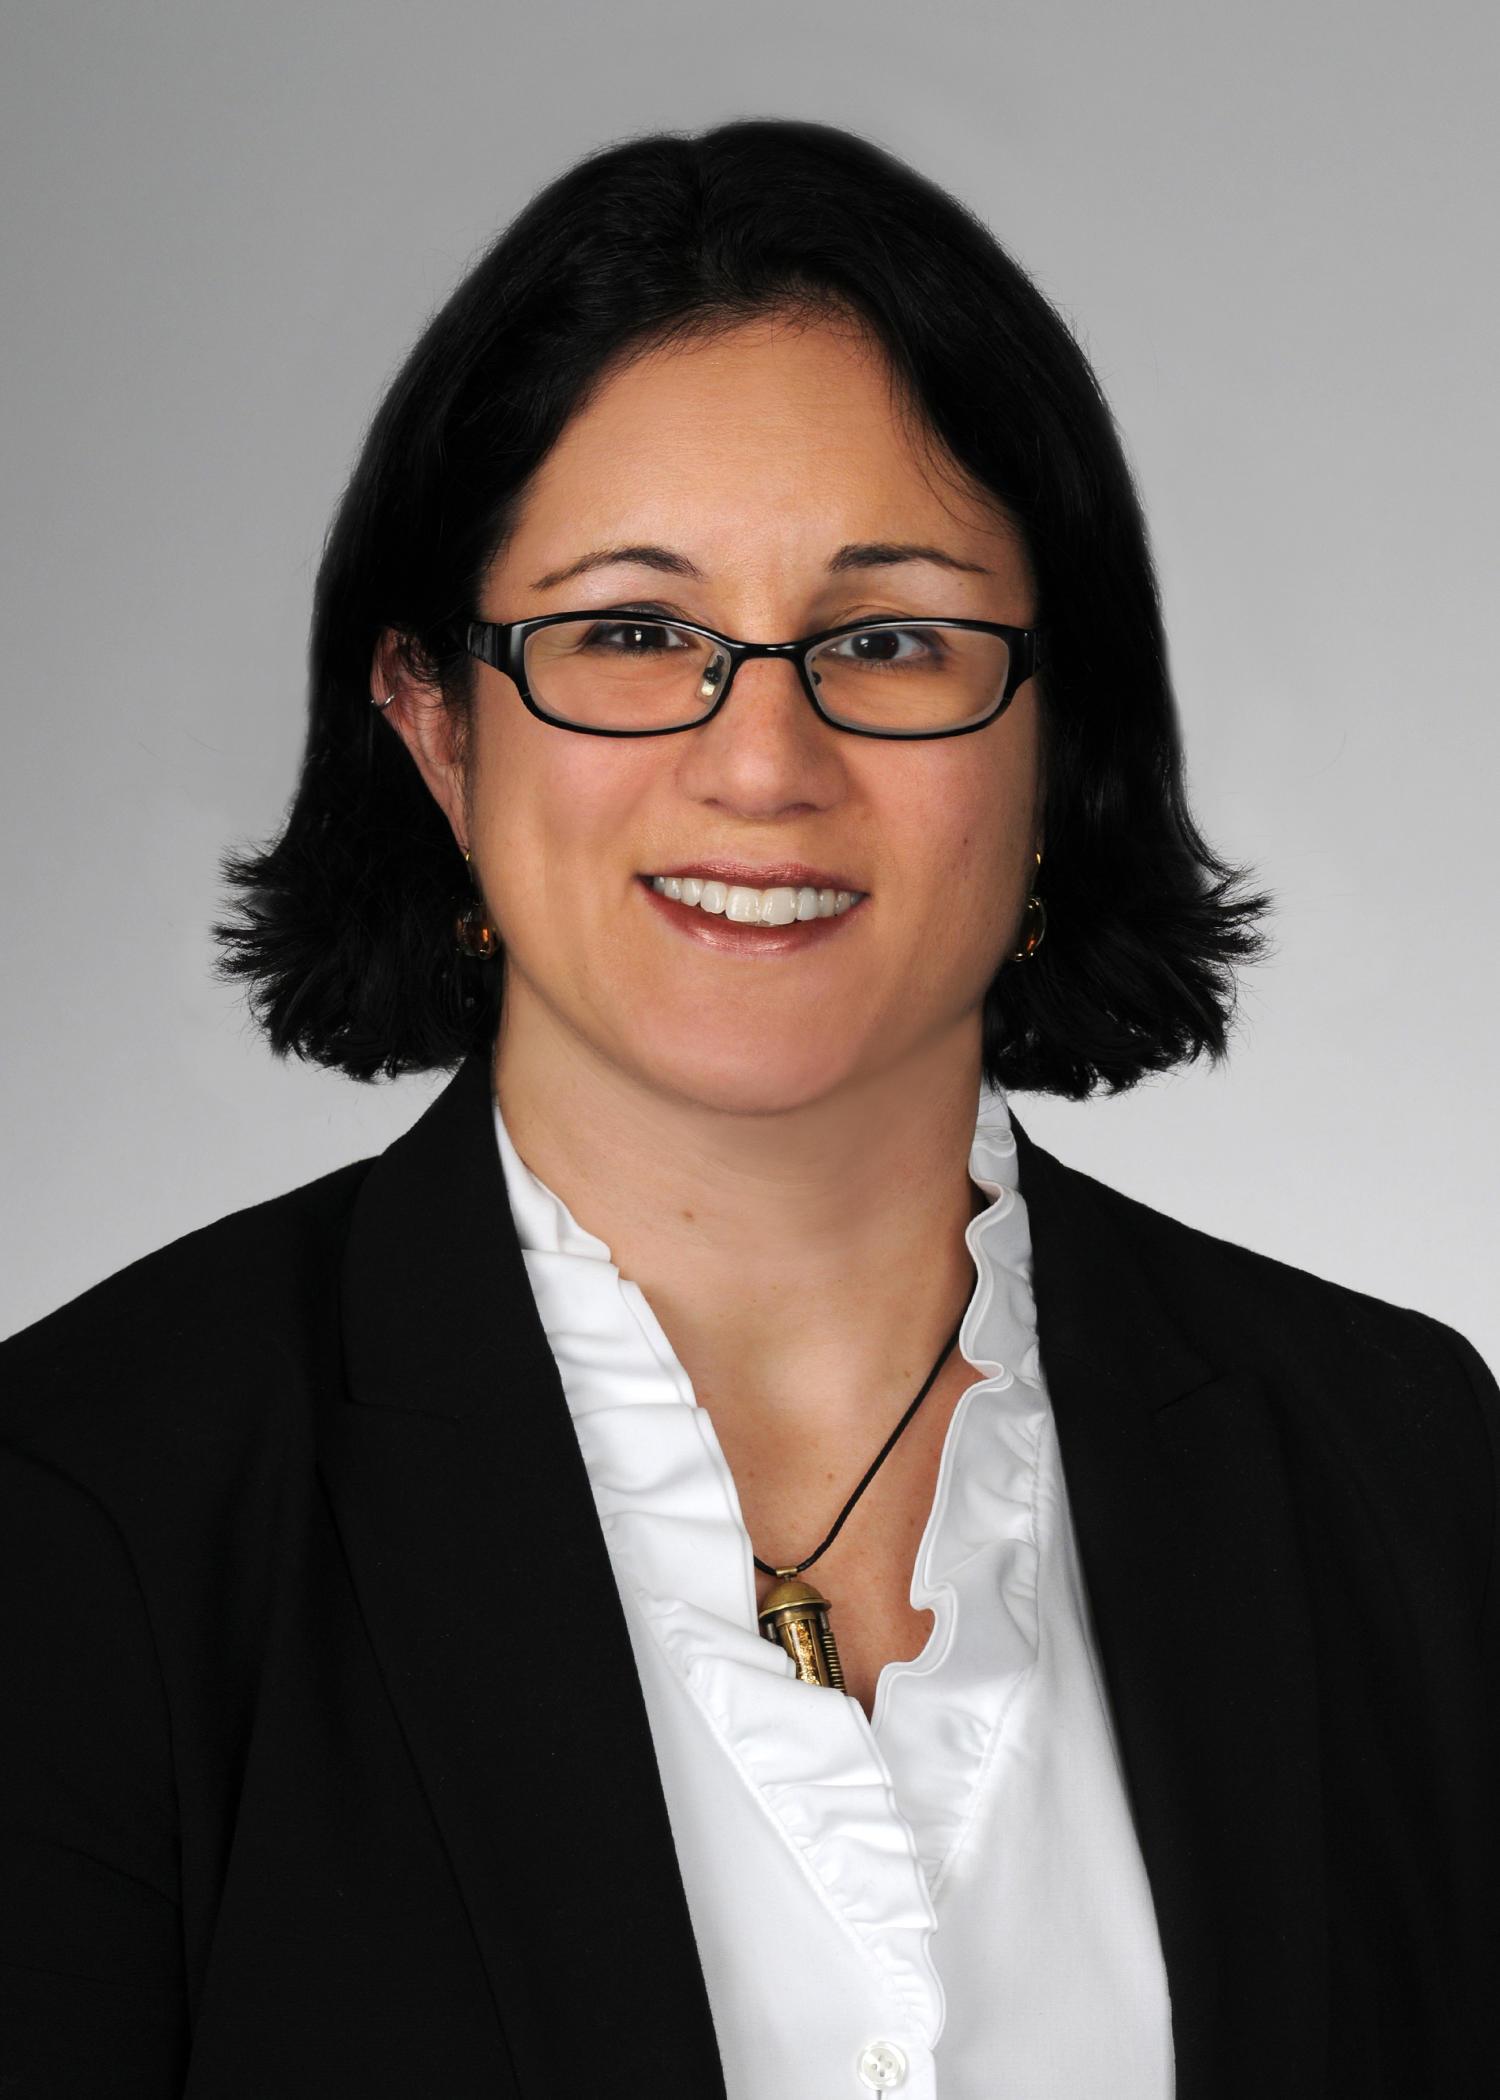 Julie Kanter, MD